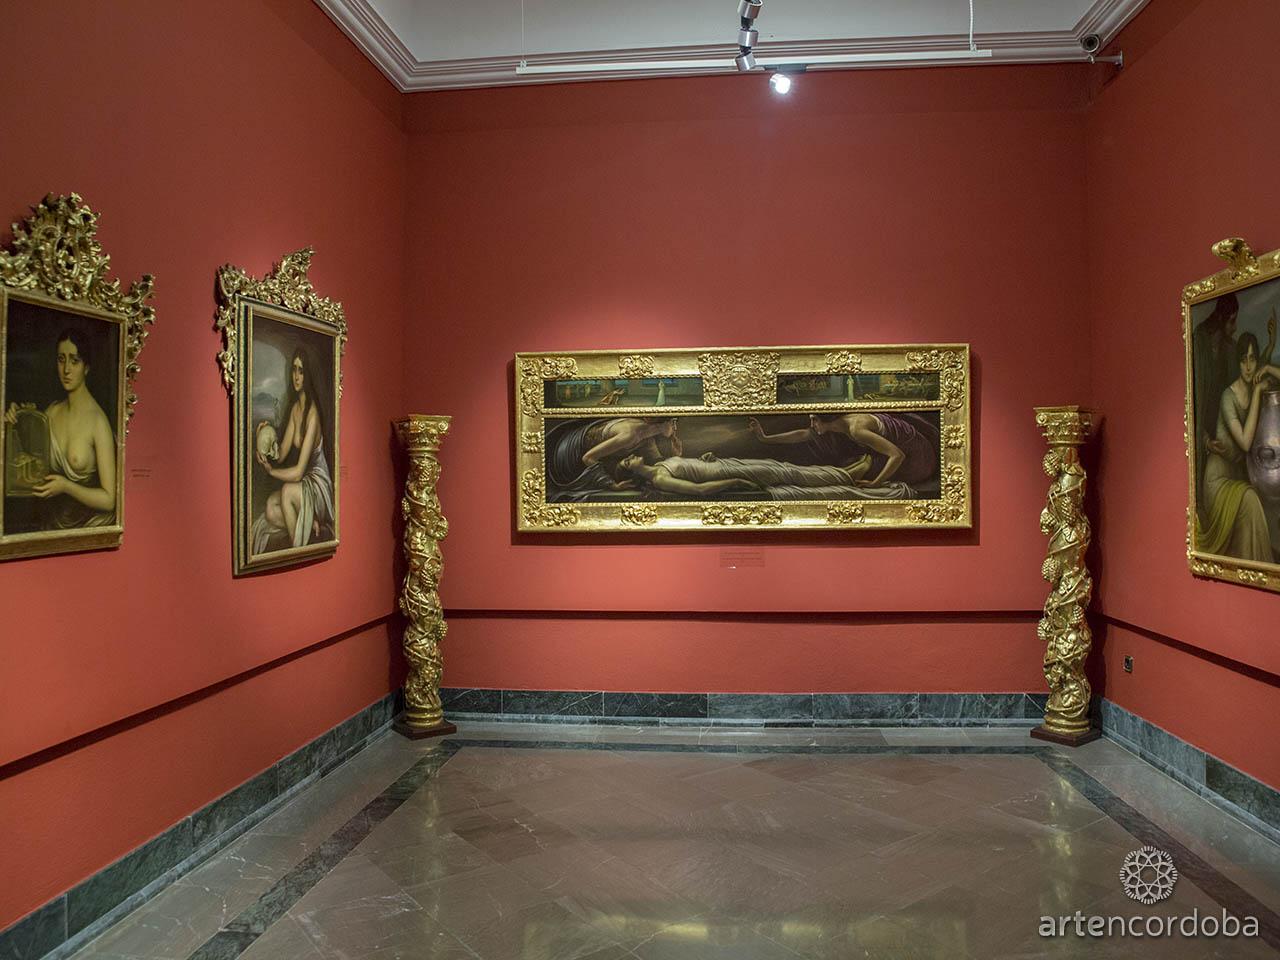 Detalle de la Sala 'La Capilla' en el Museo Julio Romero de Torres